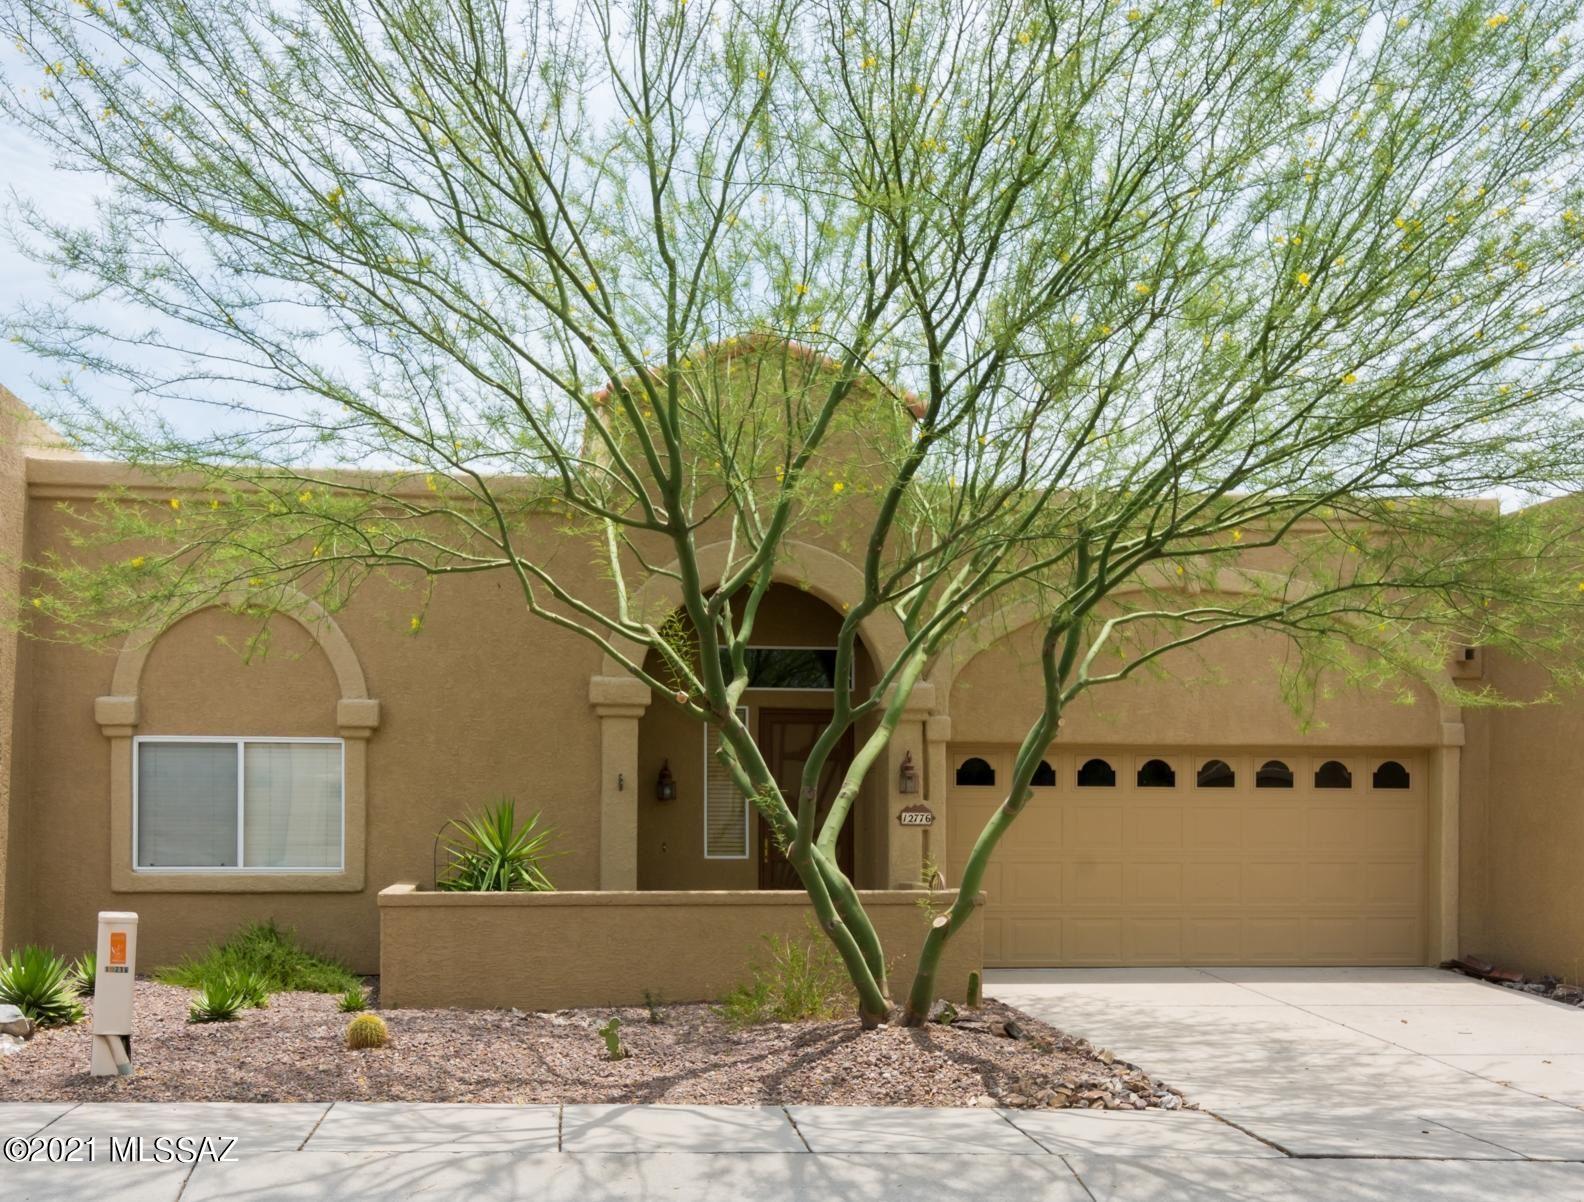 12776 N Walking Deer Place, Oro Valley, AZ 85755 - MLS#: 22118887